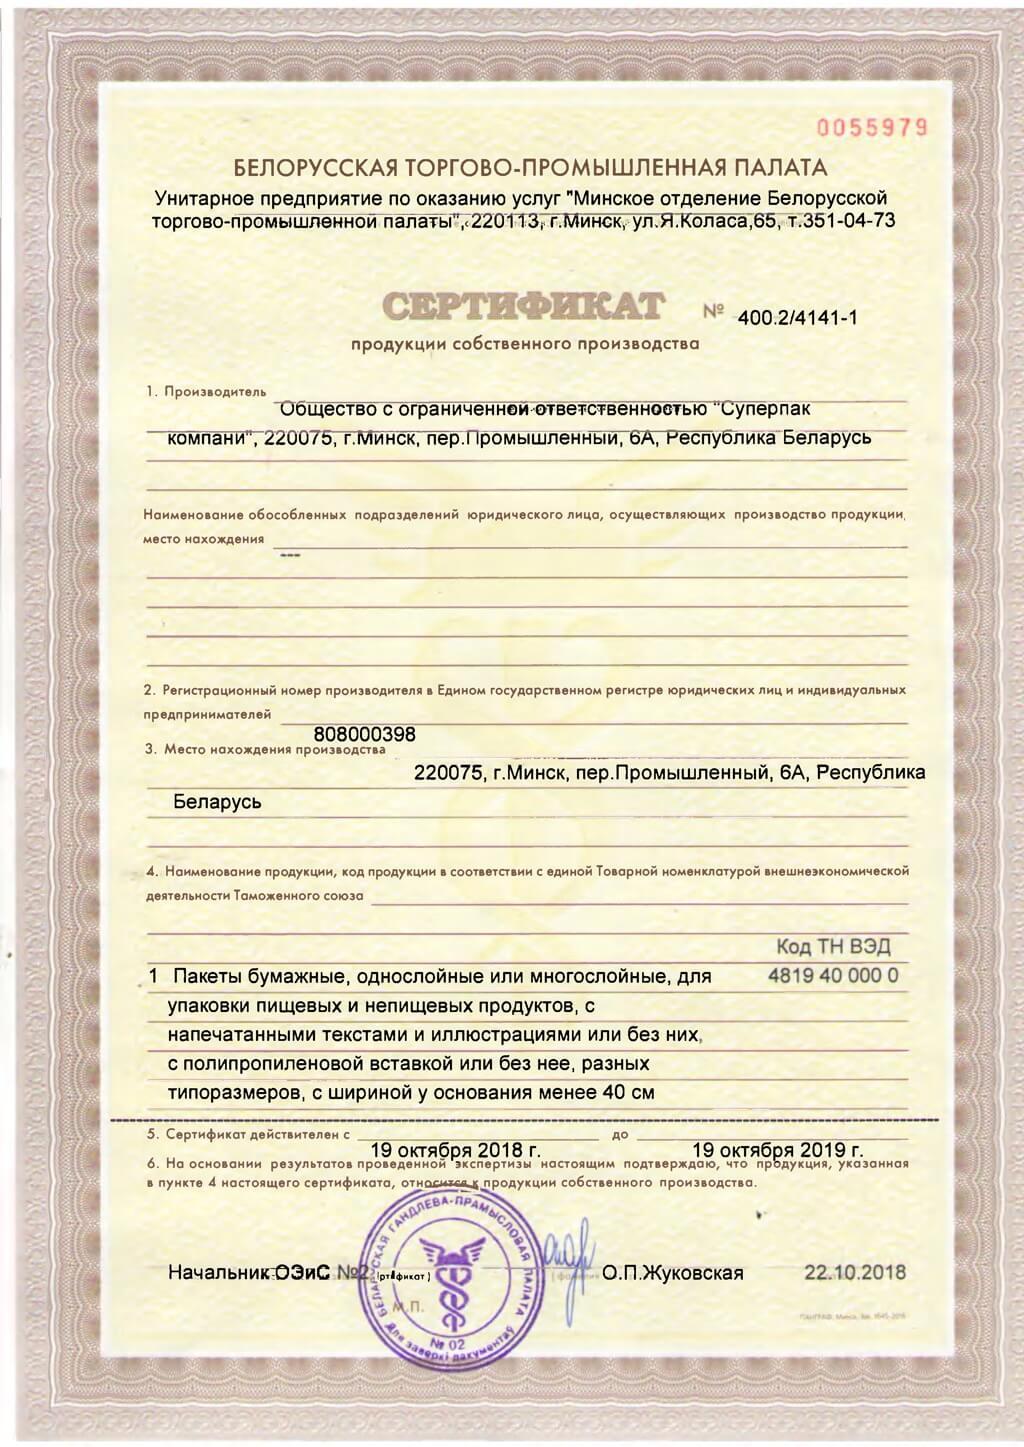 sertifikat produkcii sobstvennogo proizvodstva 2018